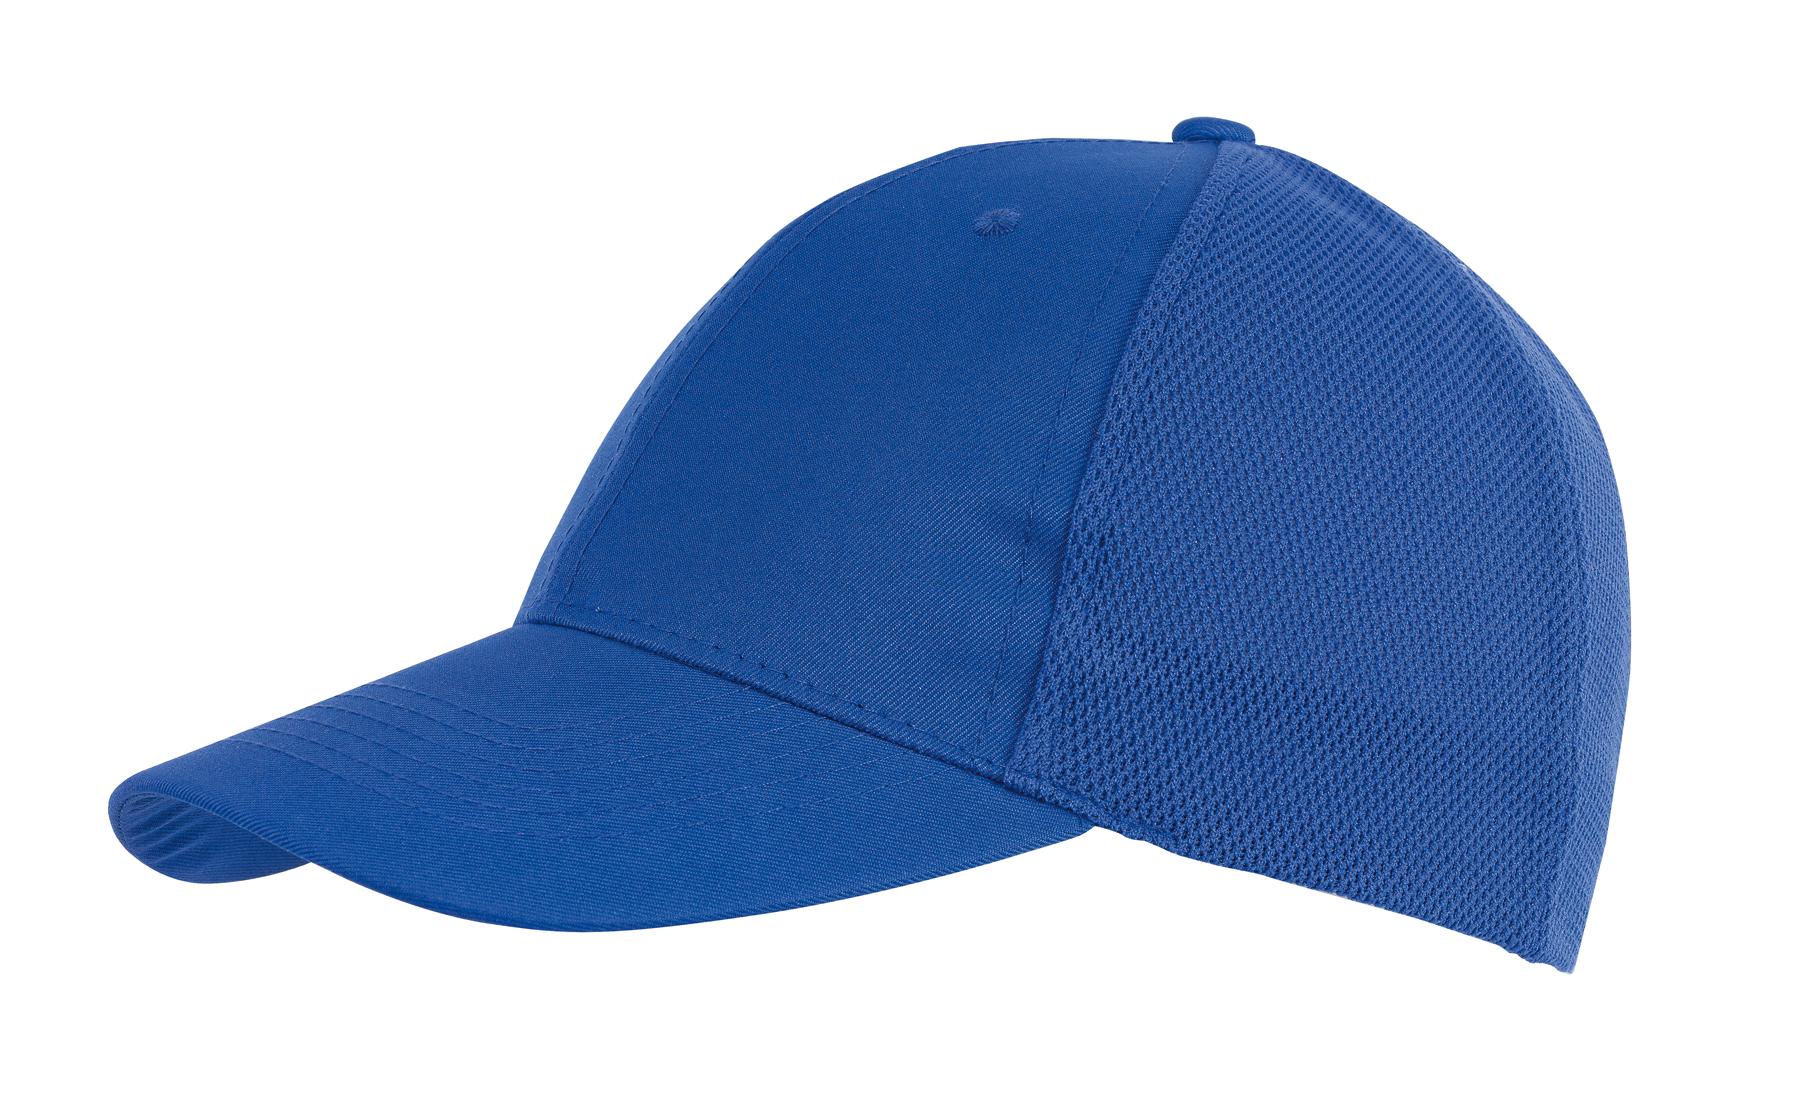 6 segmentowa czapka PITCHER, niebieski